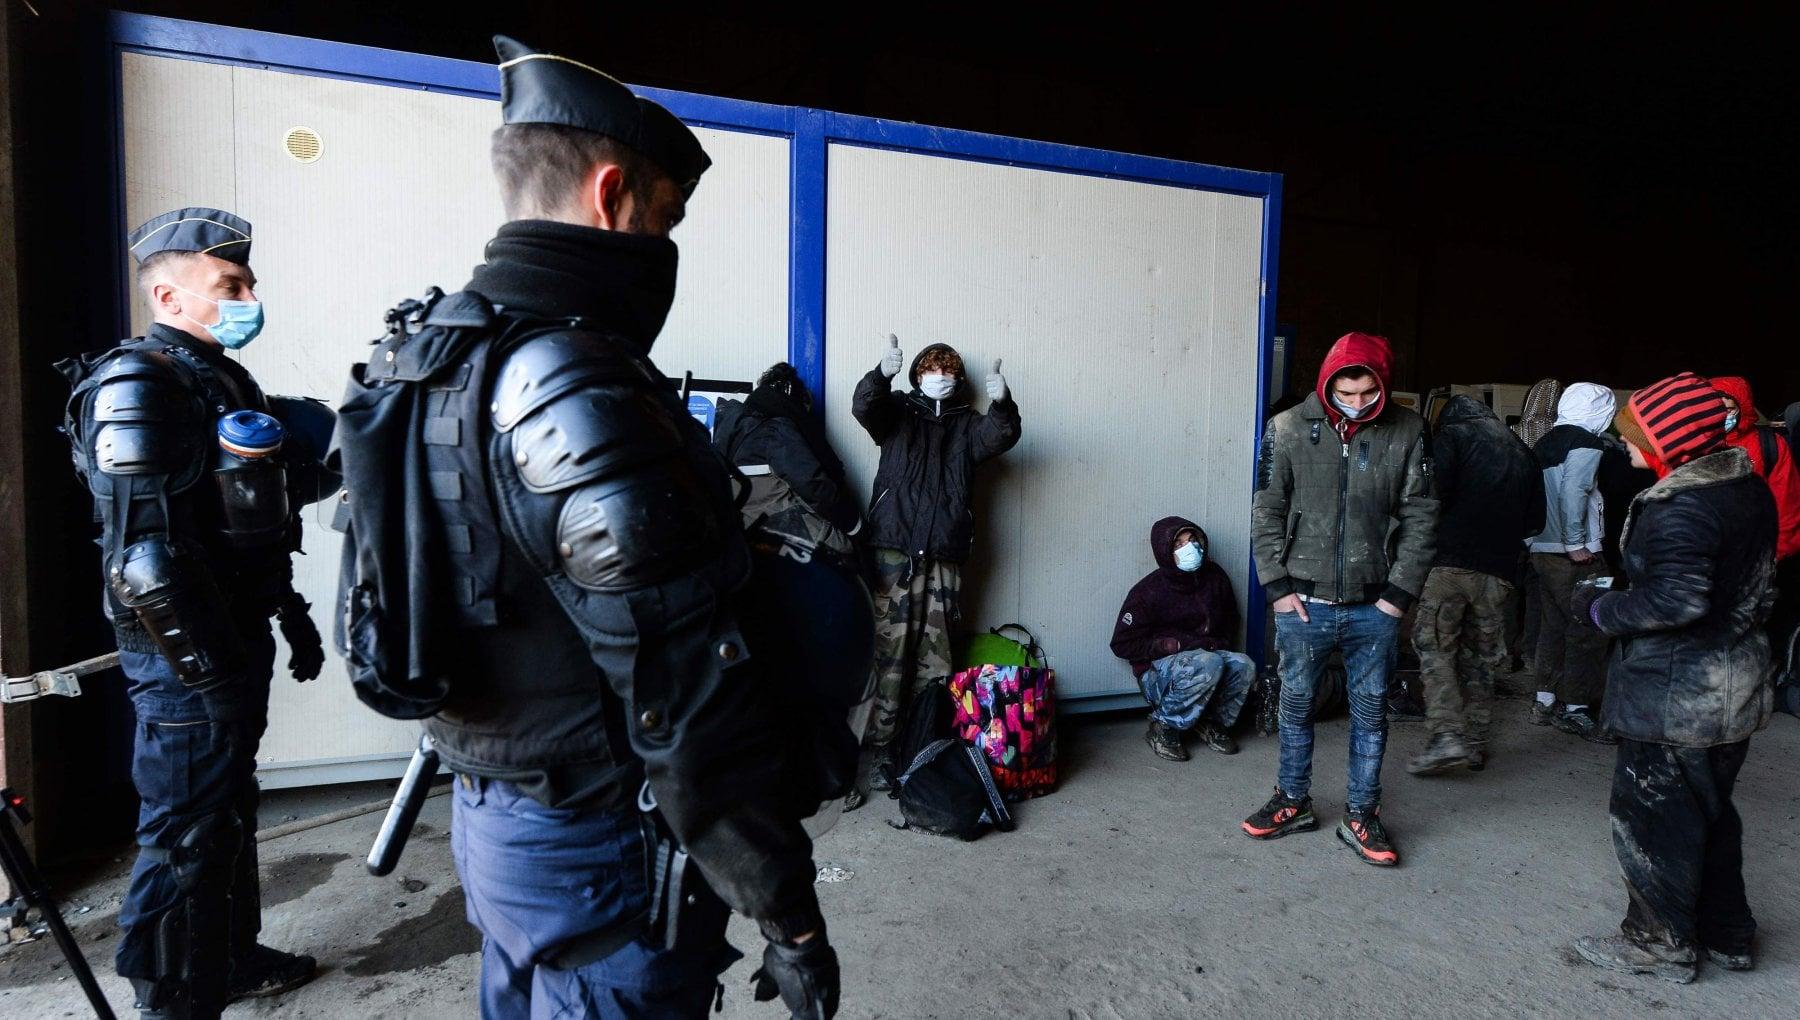 100933305 0fd12c8b 78d8 454c b342 5c4996a47262 - Francia sotto lockdown, rave party per 2500. Sassi e fuoco contro la polizia